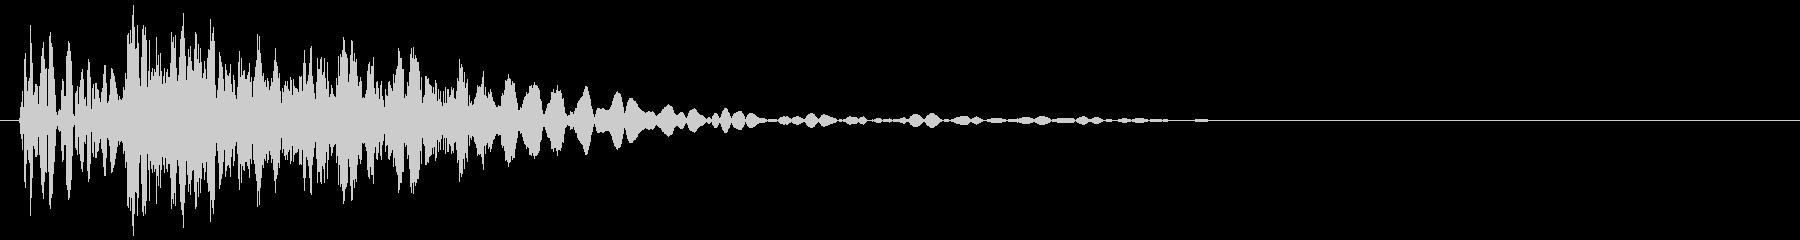 ドビシドン(攻撃音・打撃音・パンチ)の未再生の波形